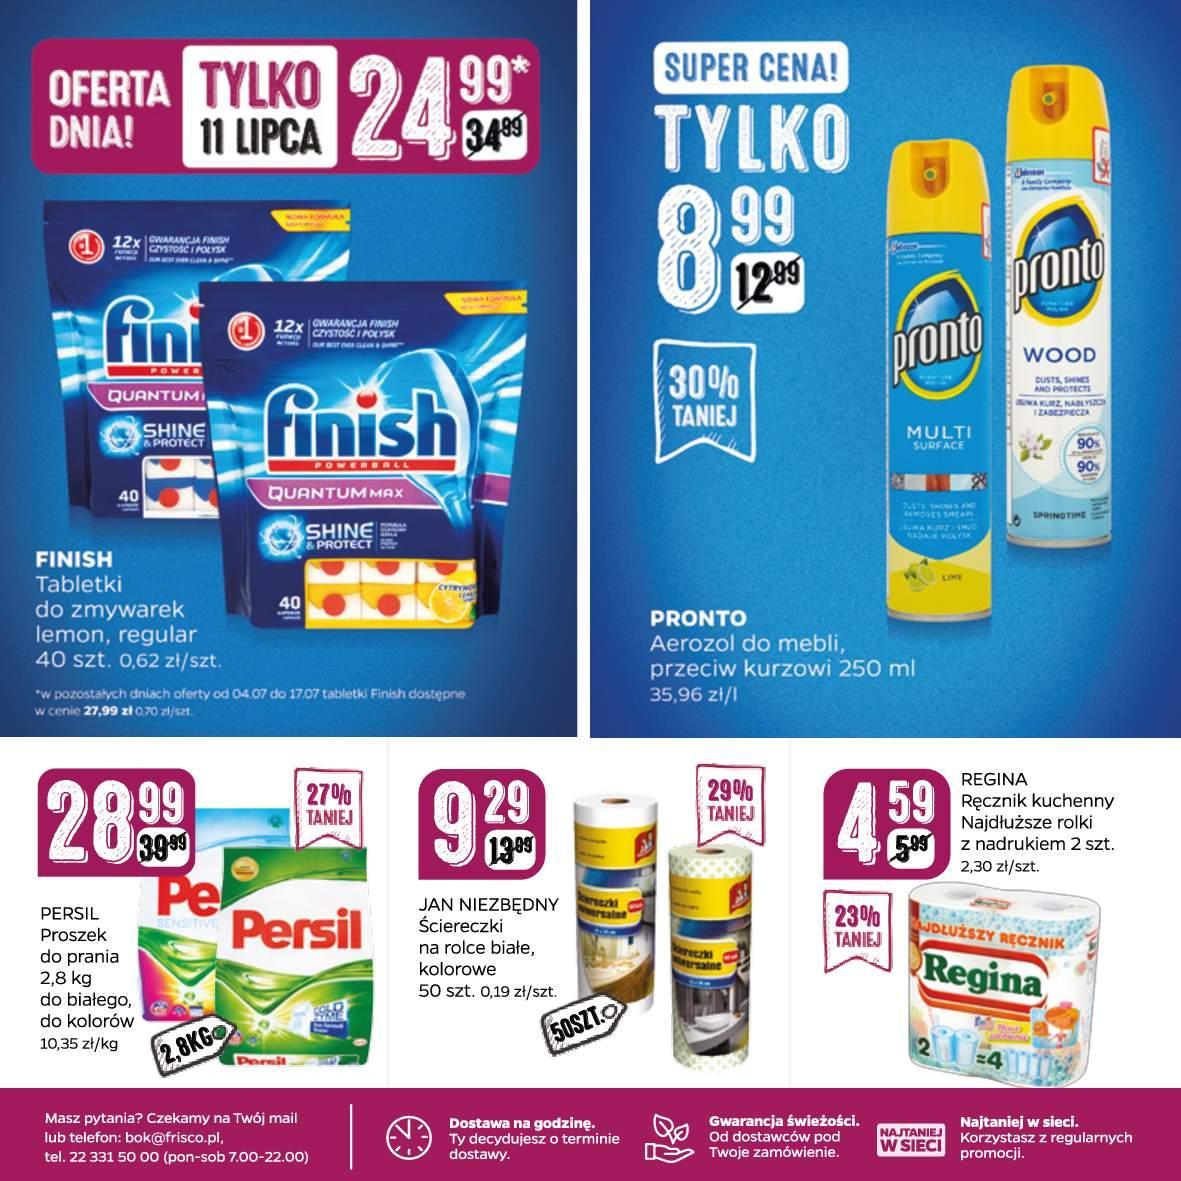 Gazetka promocyjna Frisco.pl do 17/07/2016 str.7